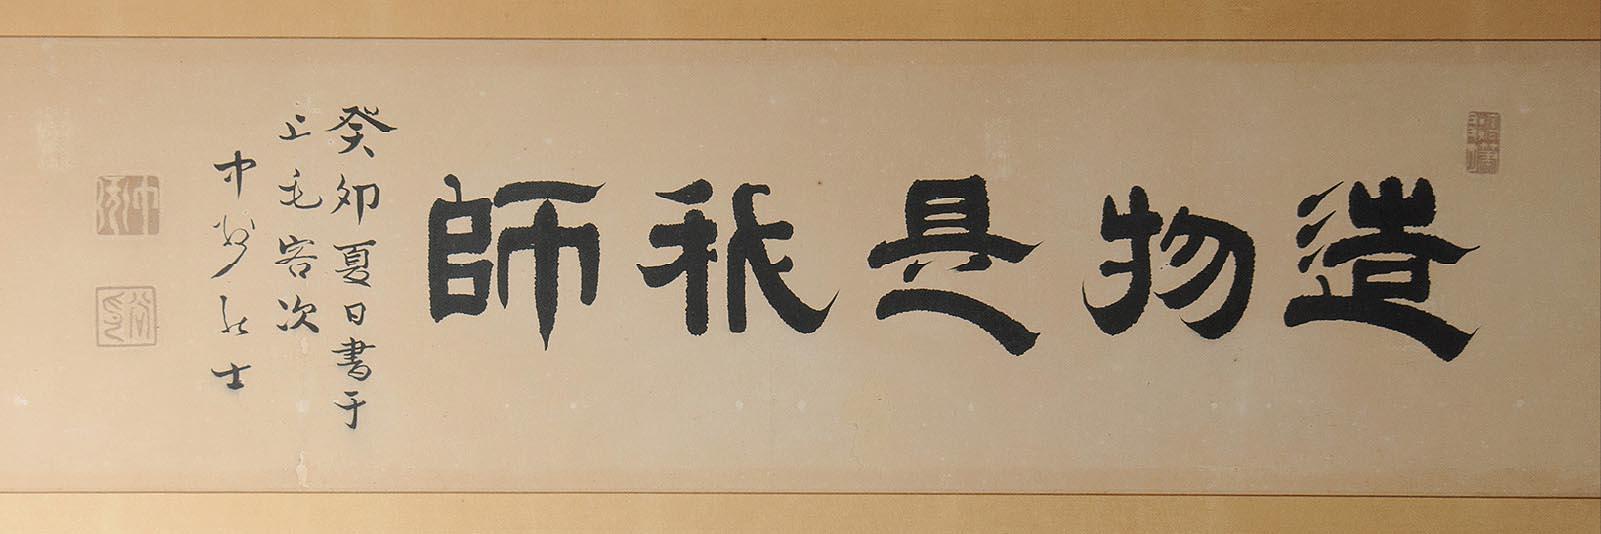 三島中州の書 写真